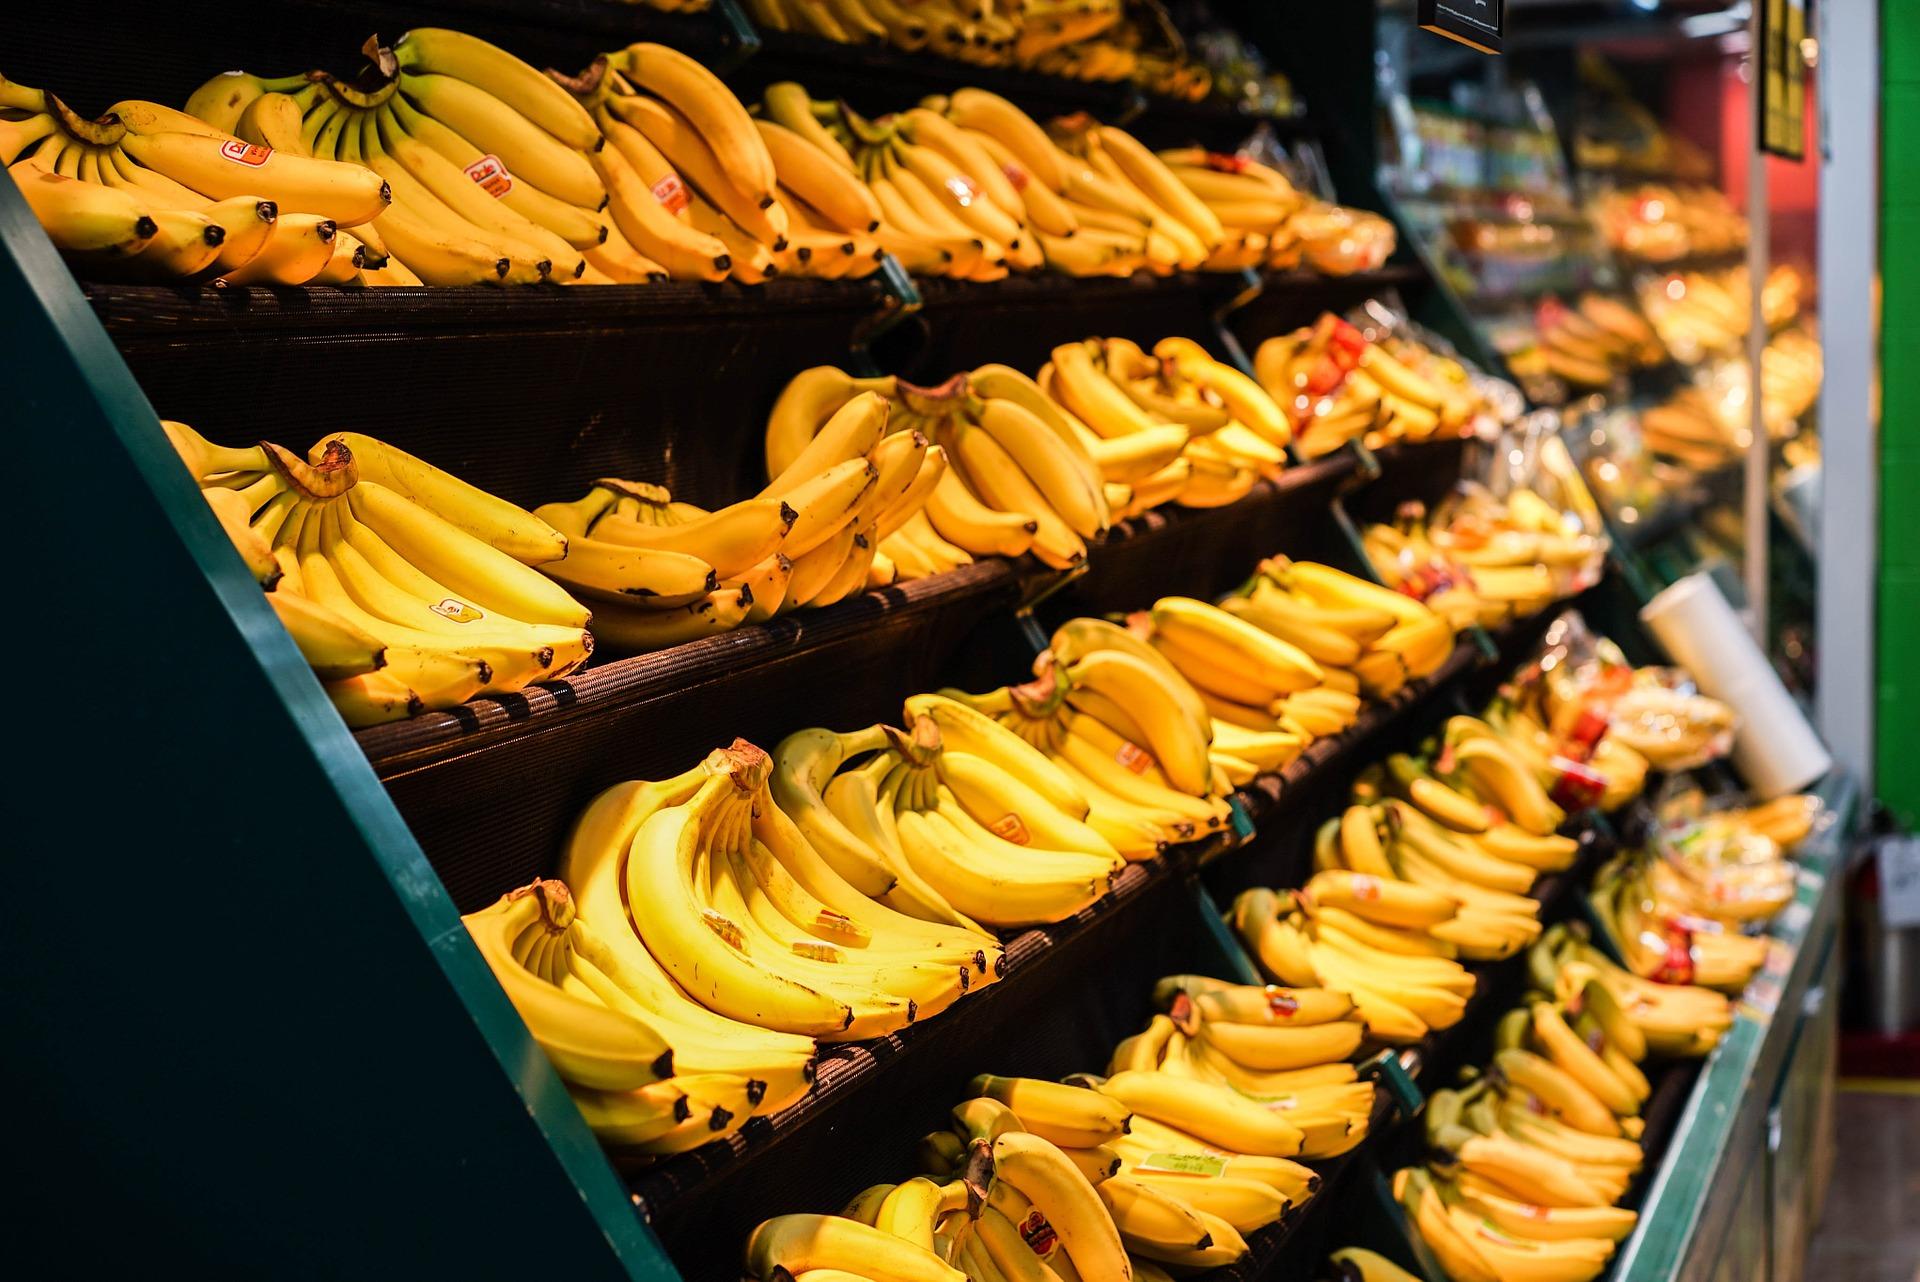 매장의 선반에 있는 바나나 한 송이